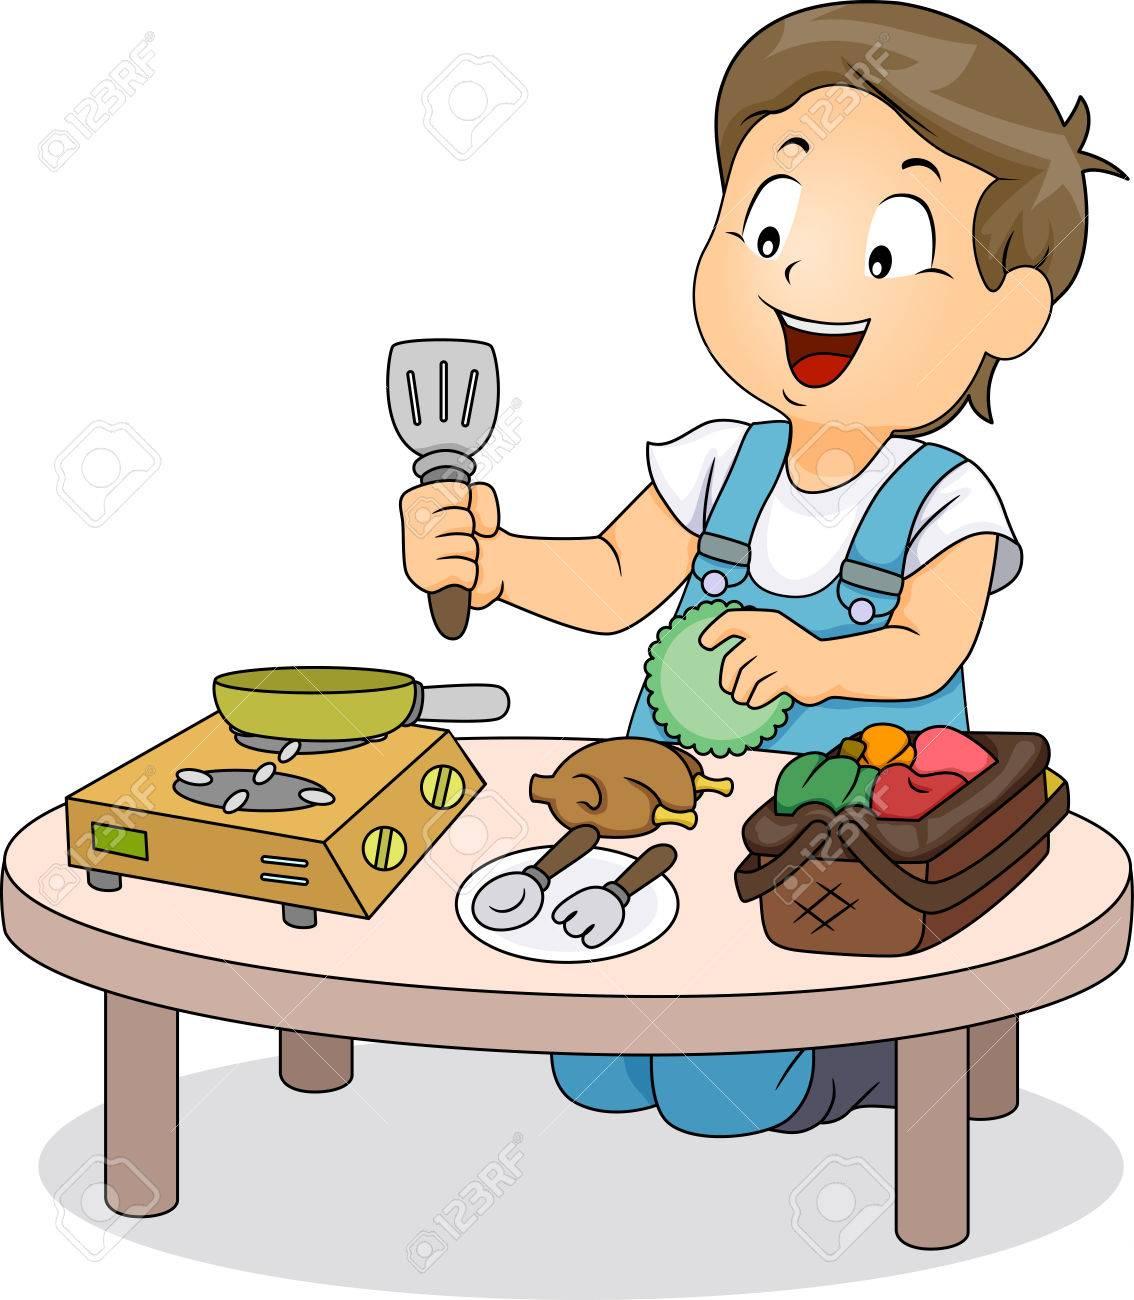 Ilustración De Un Niño Jugando Con Los Mini Utensilios De Cocina ...